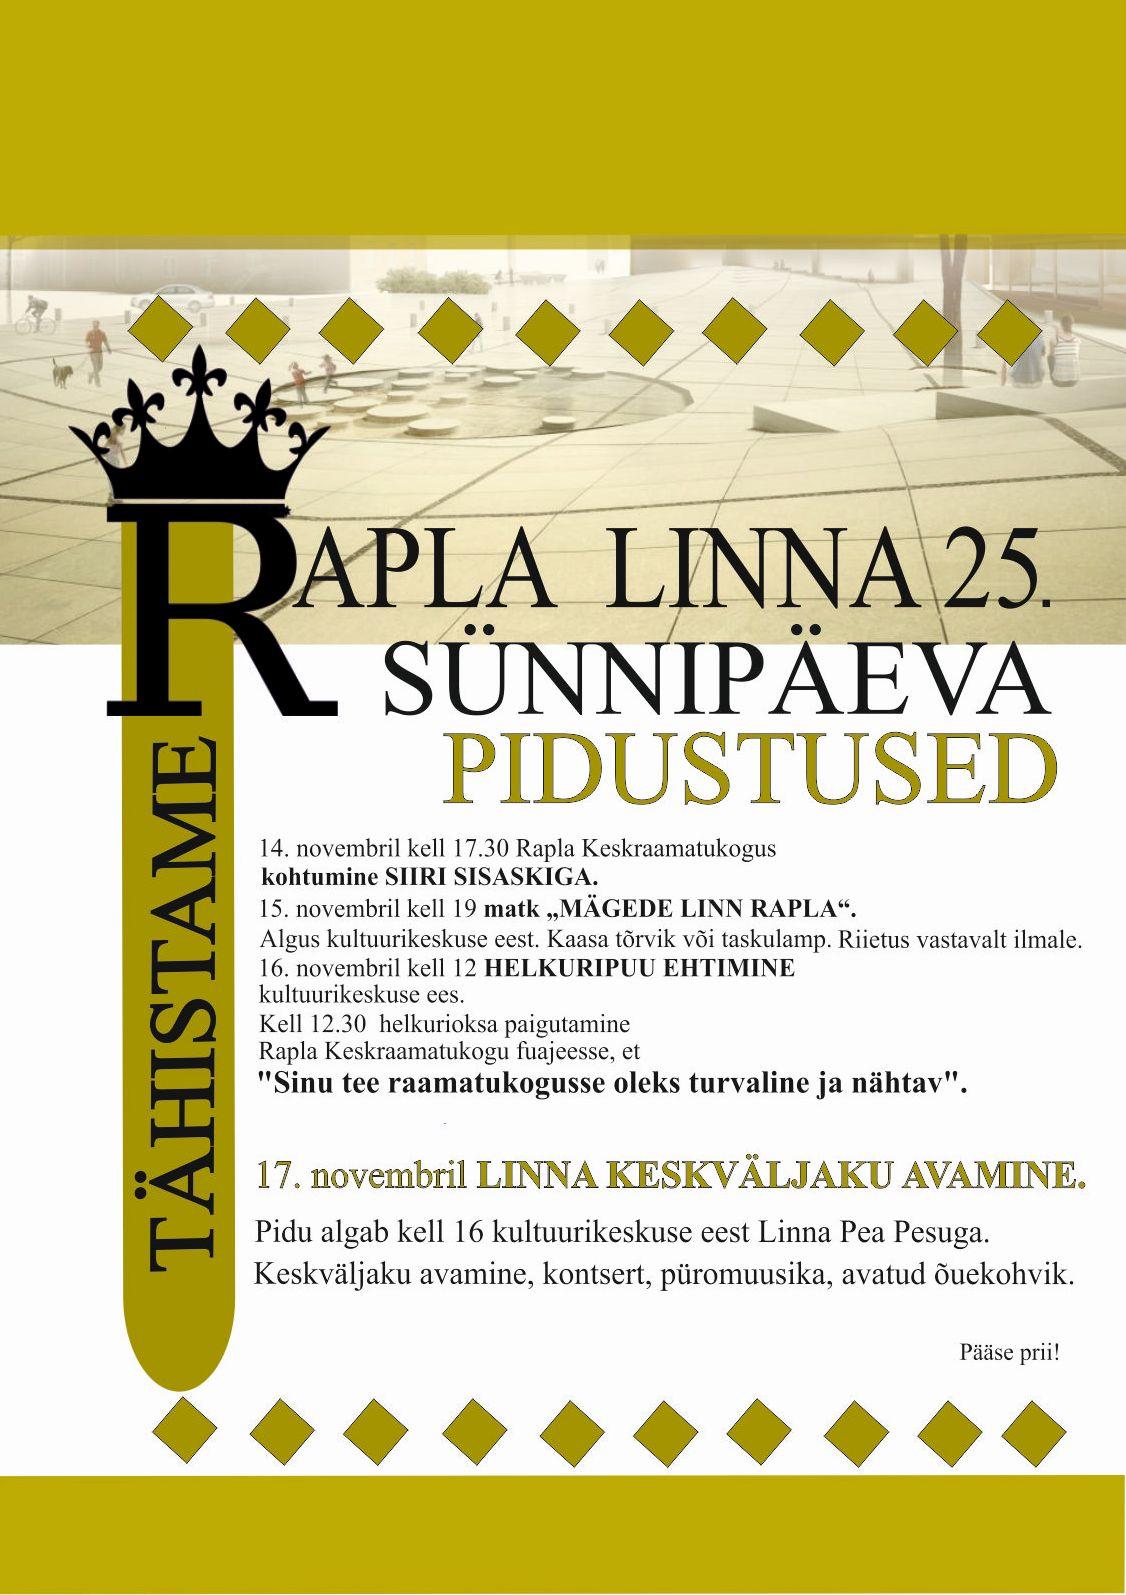 Rapla linna 25. sünnipäeva pidustused